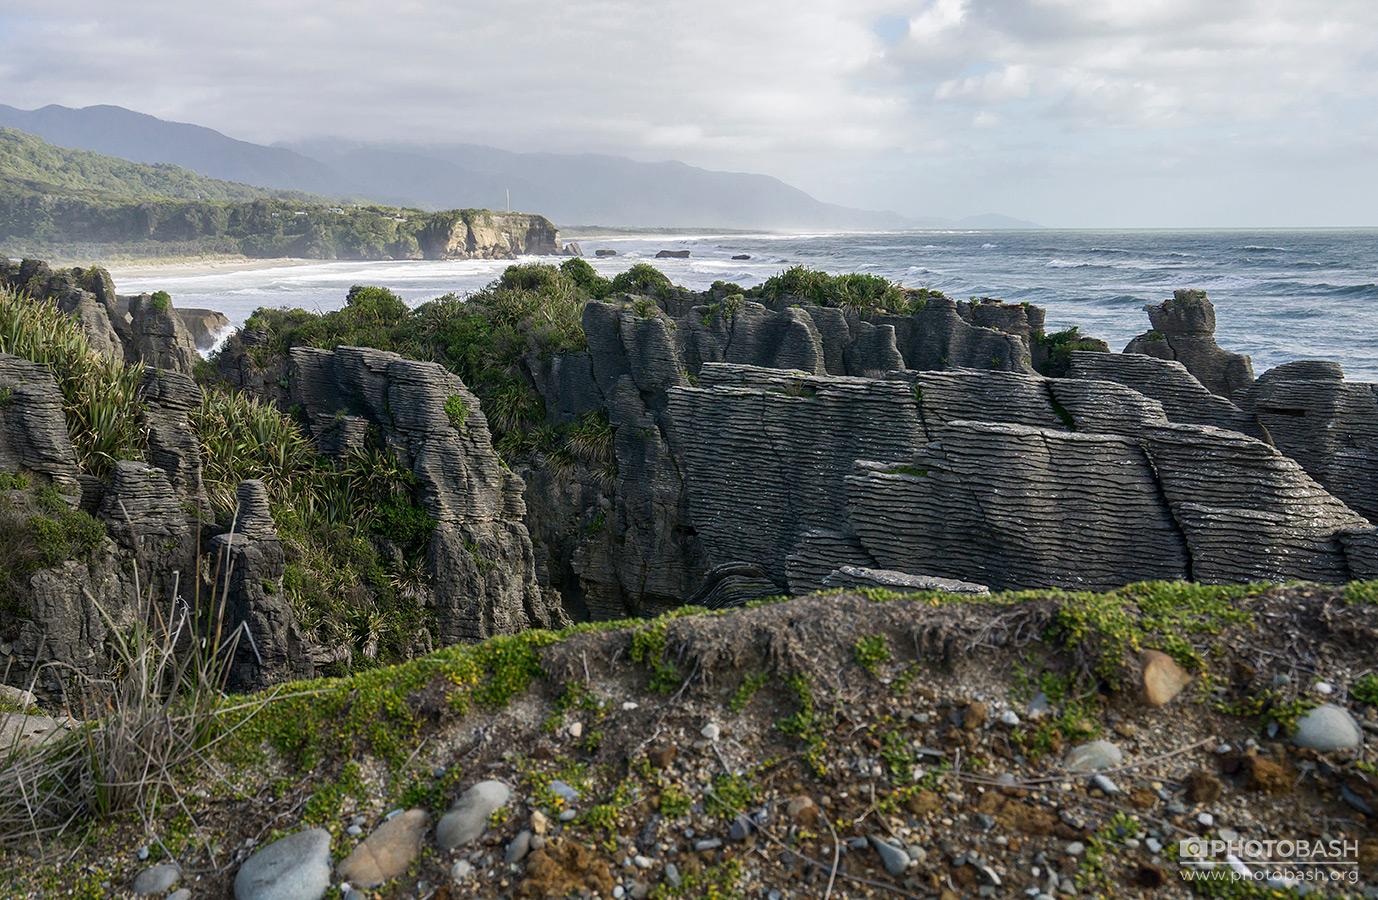 Eroded-Coastline-Rocky-Cliffs.jpg